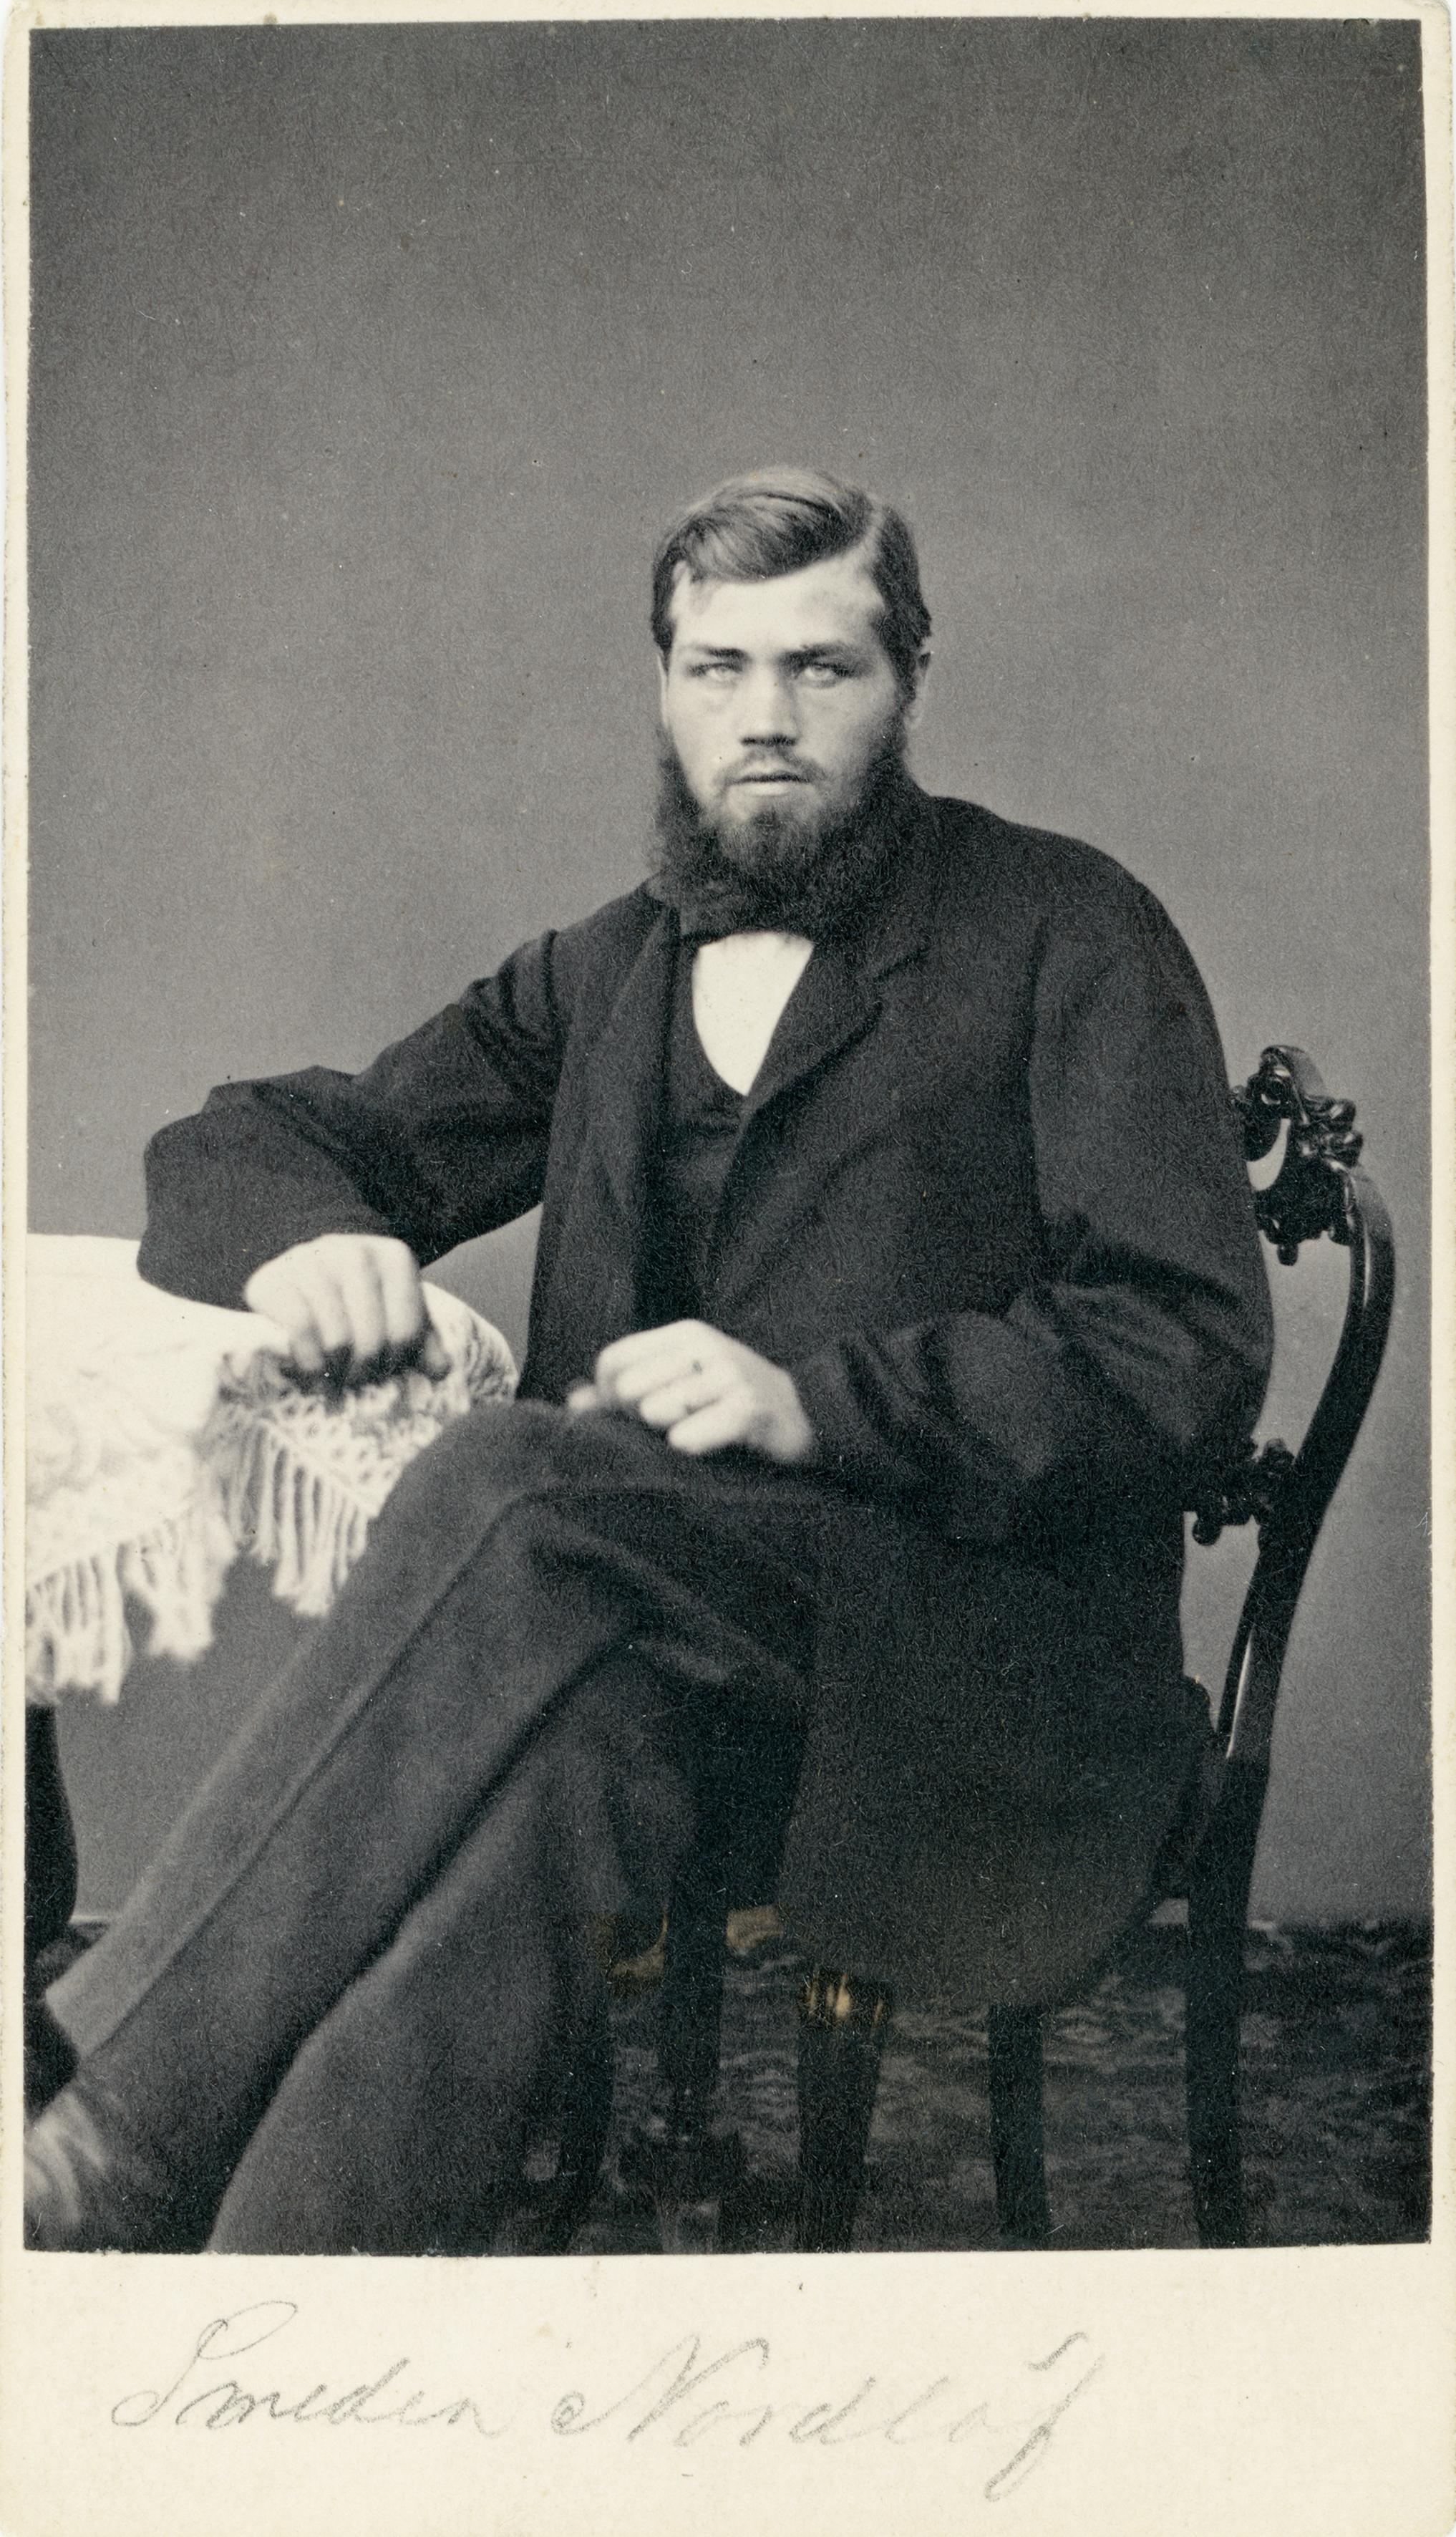 - Per Nordlöw f. 1845, smed med egen verksamhet i Enånger. Byggde första kraftverket i Hälsingland, Bäckeboström. Företaget tillverkade verktyg för skogsbruk. Eu Åke Nordlöw. Brodern Eric Nordlöw f 1837, d 5/9 1875, hade fotoateljé i